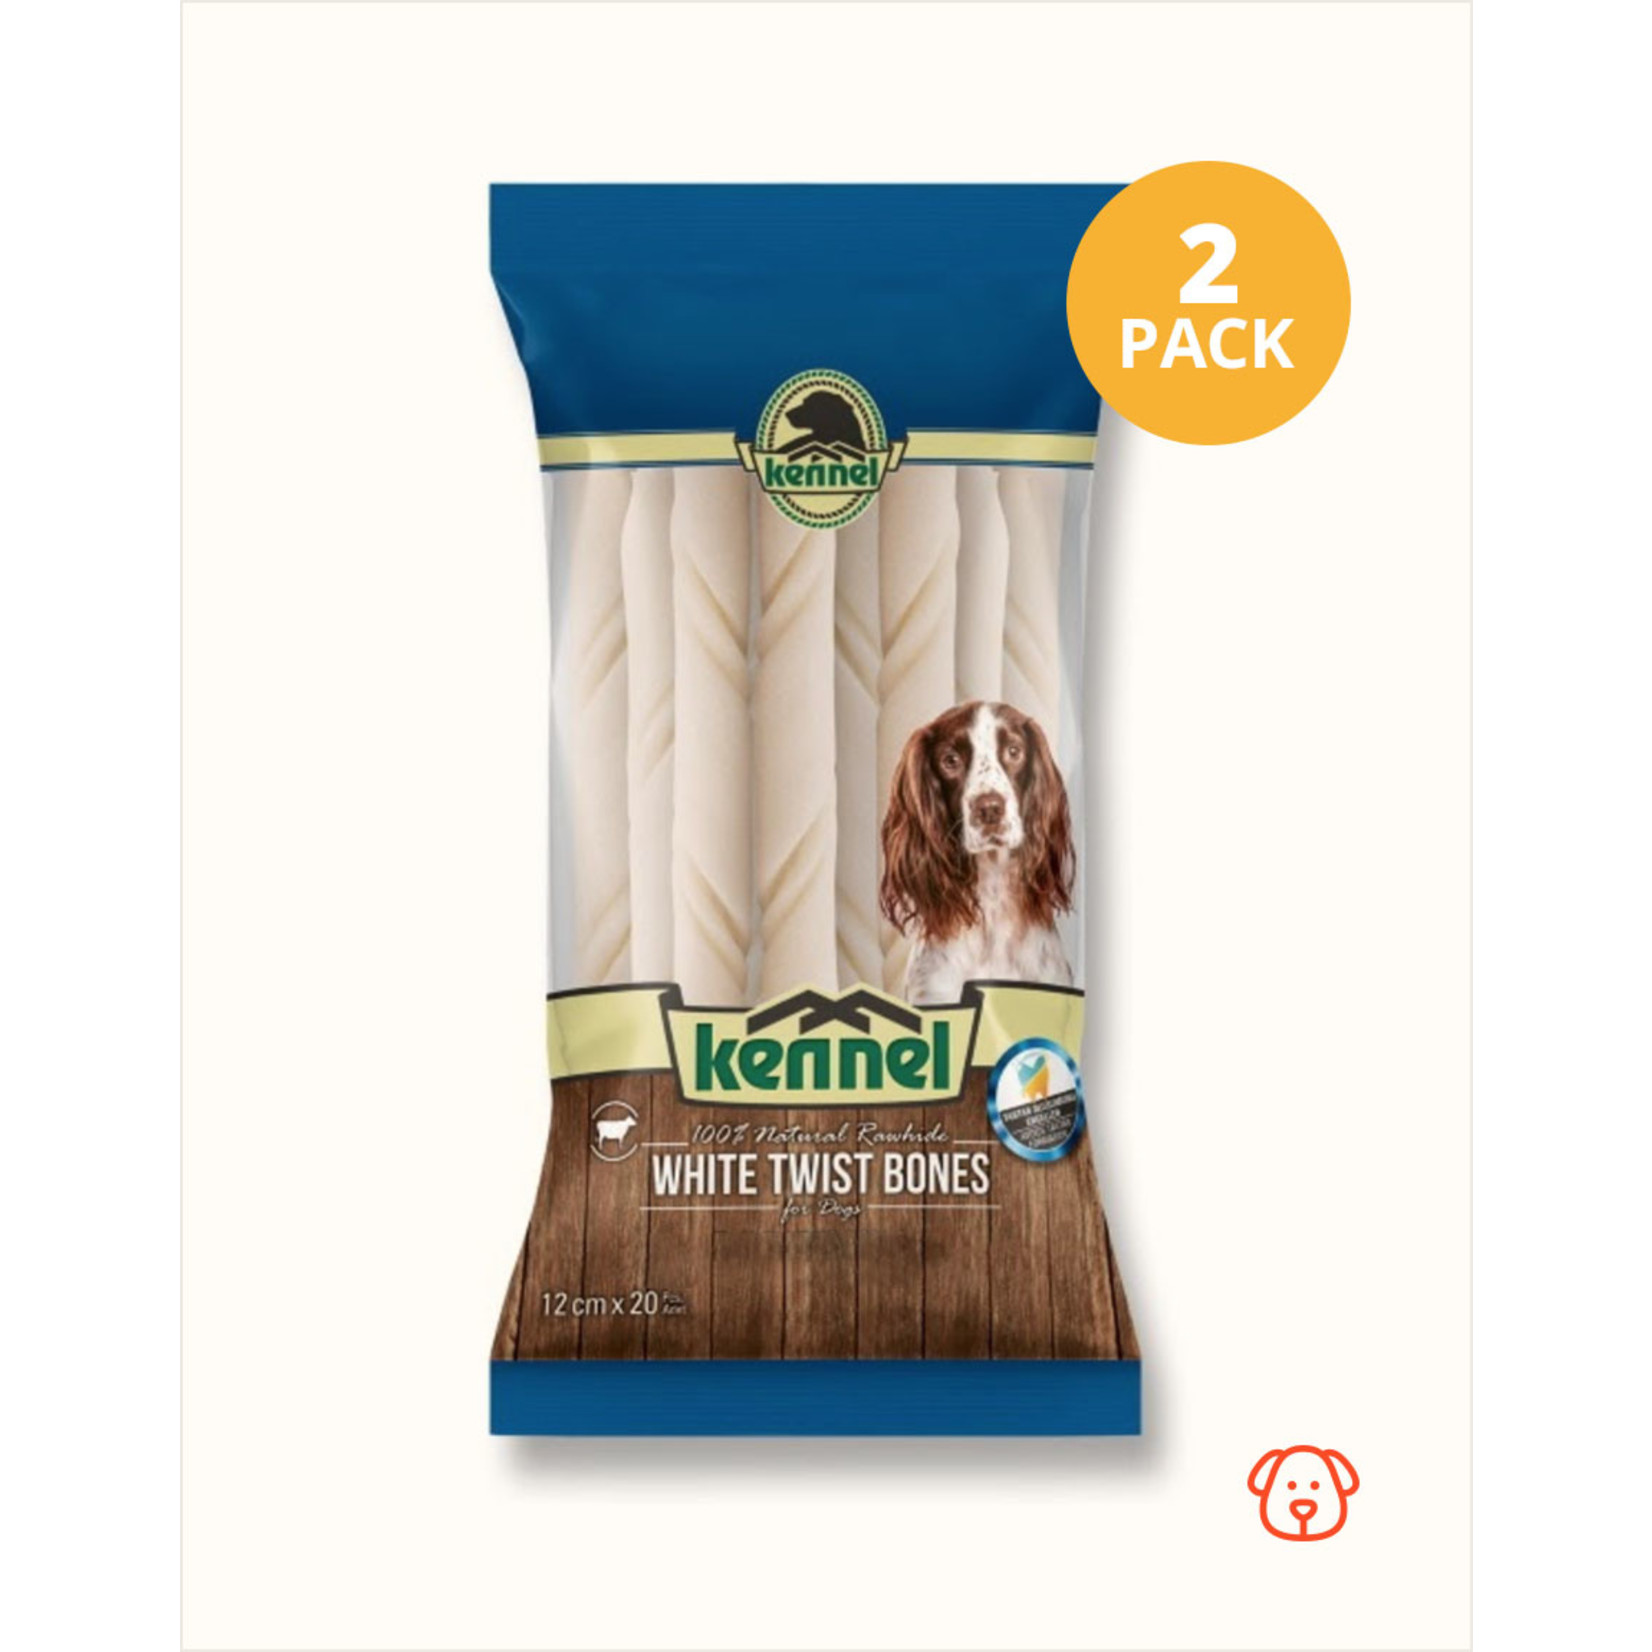 Kennel Kennel Chewing Bones White Twist 12cm